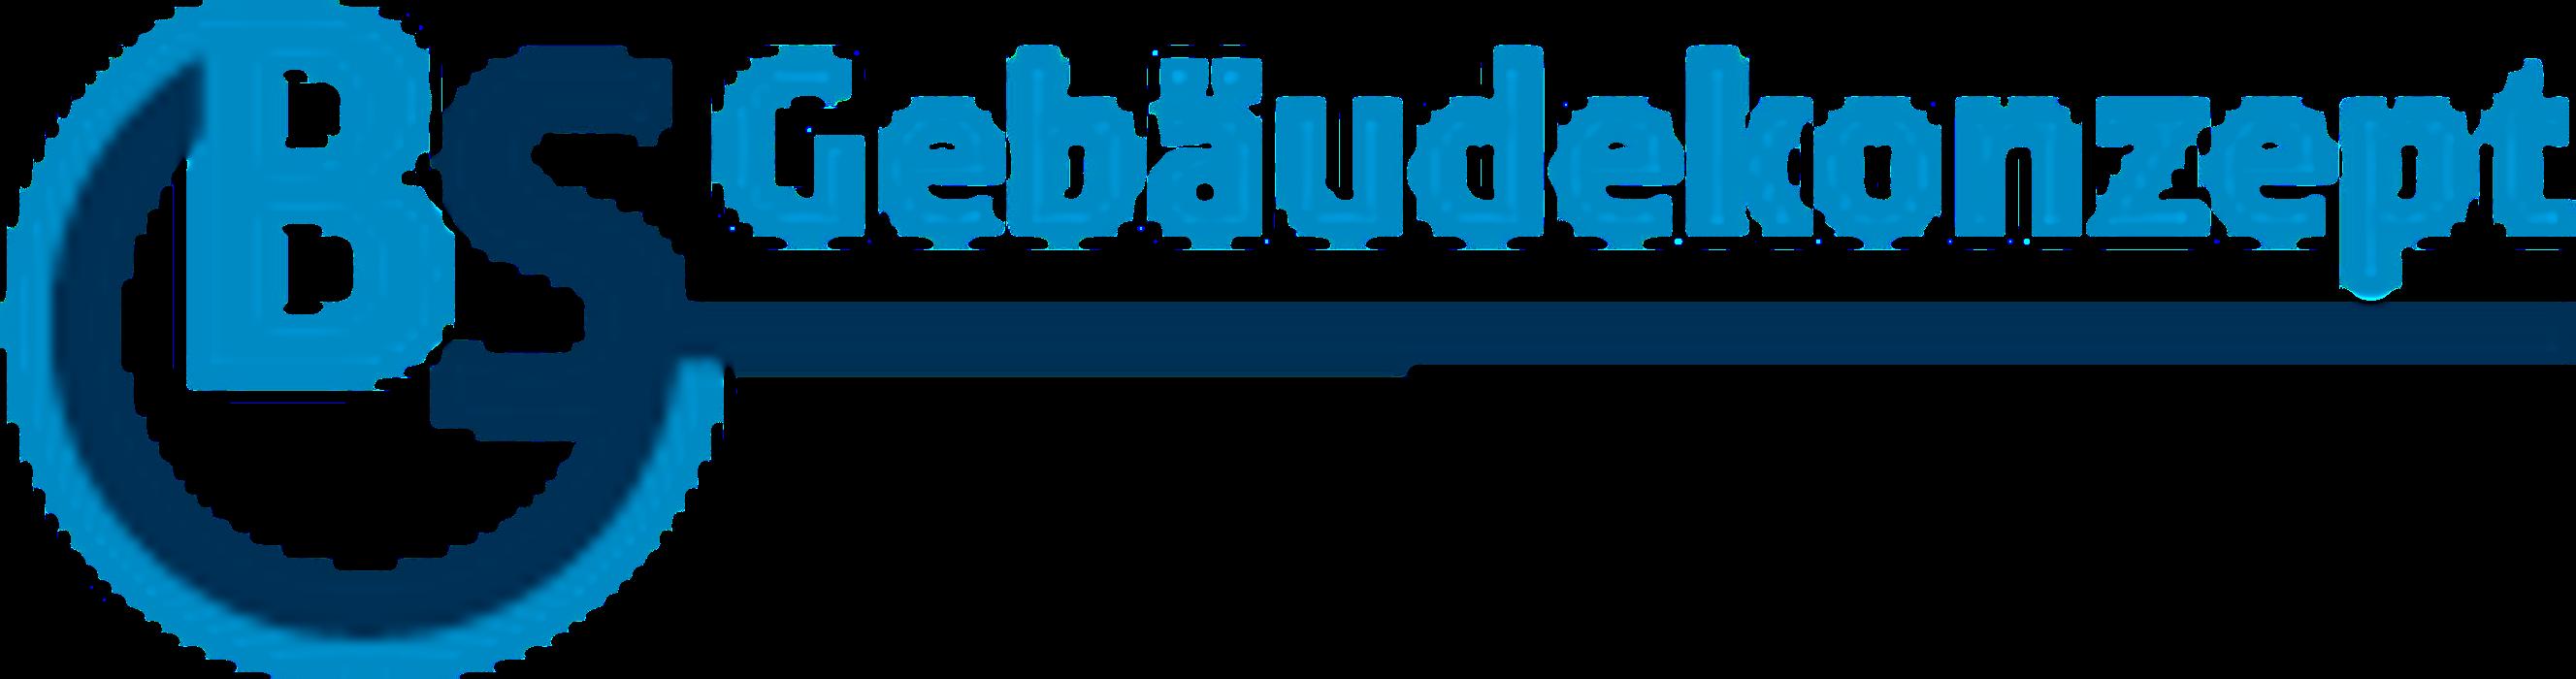 Bild zu BS Gebäudekonzept GmbH in Dresden